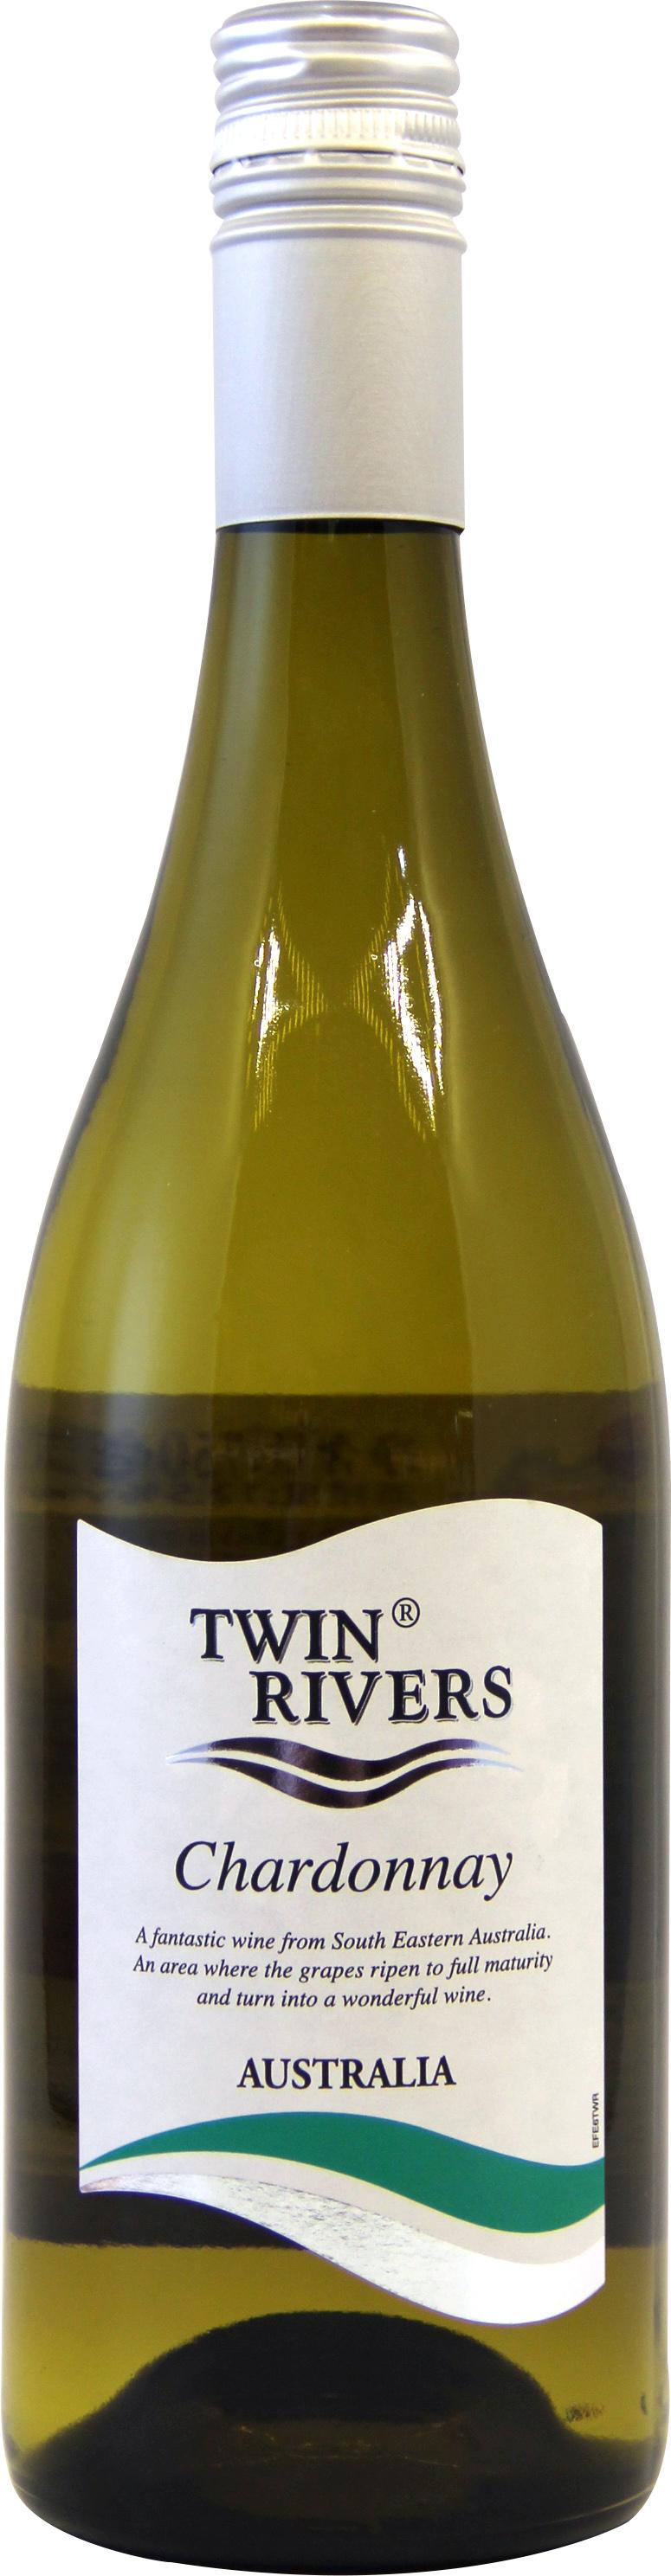 图恩莎当妮干白葡萄酒